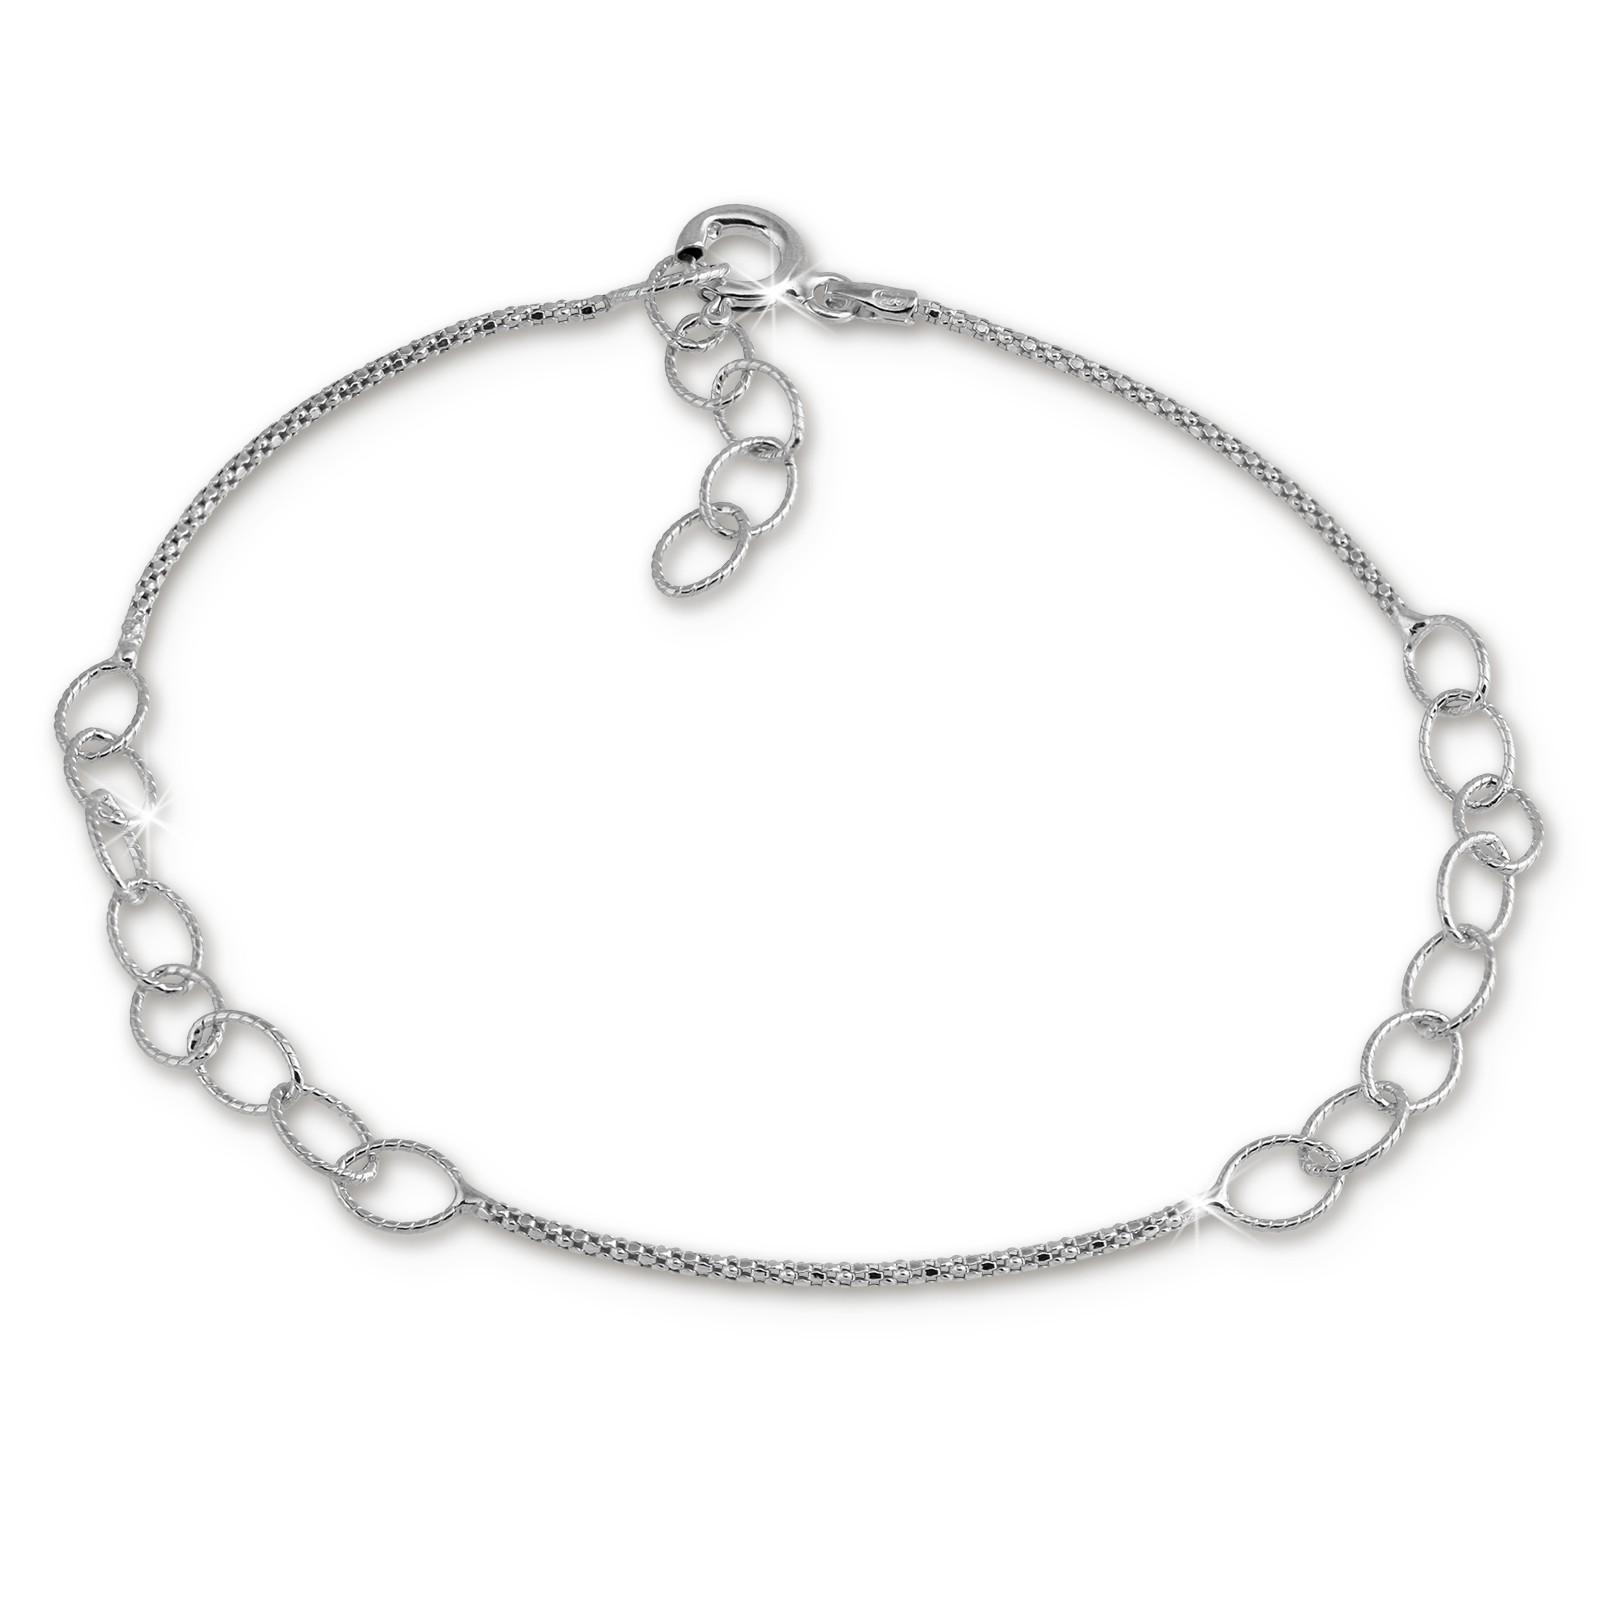 SilberDream Armband Ringe 925 Sterling Silber Damen 18cm - 21cm SDA1188J